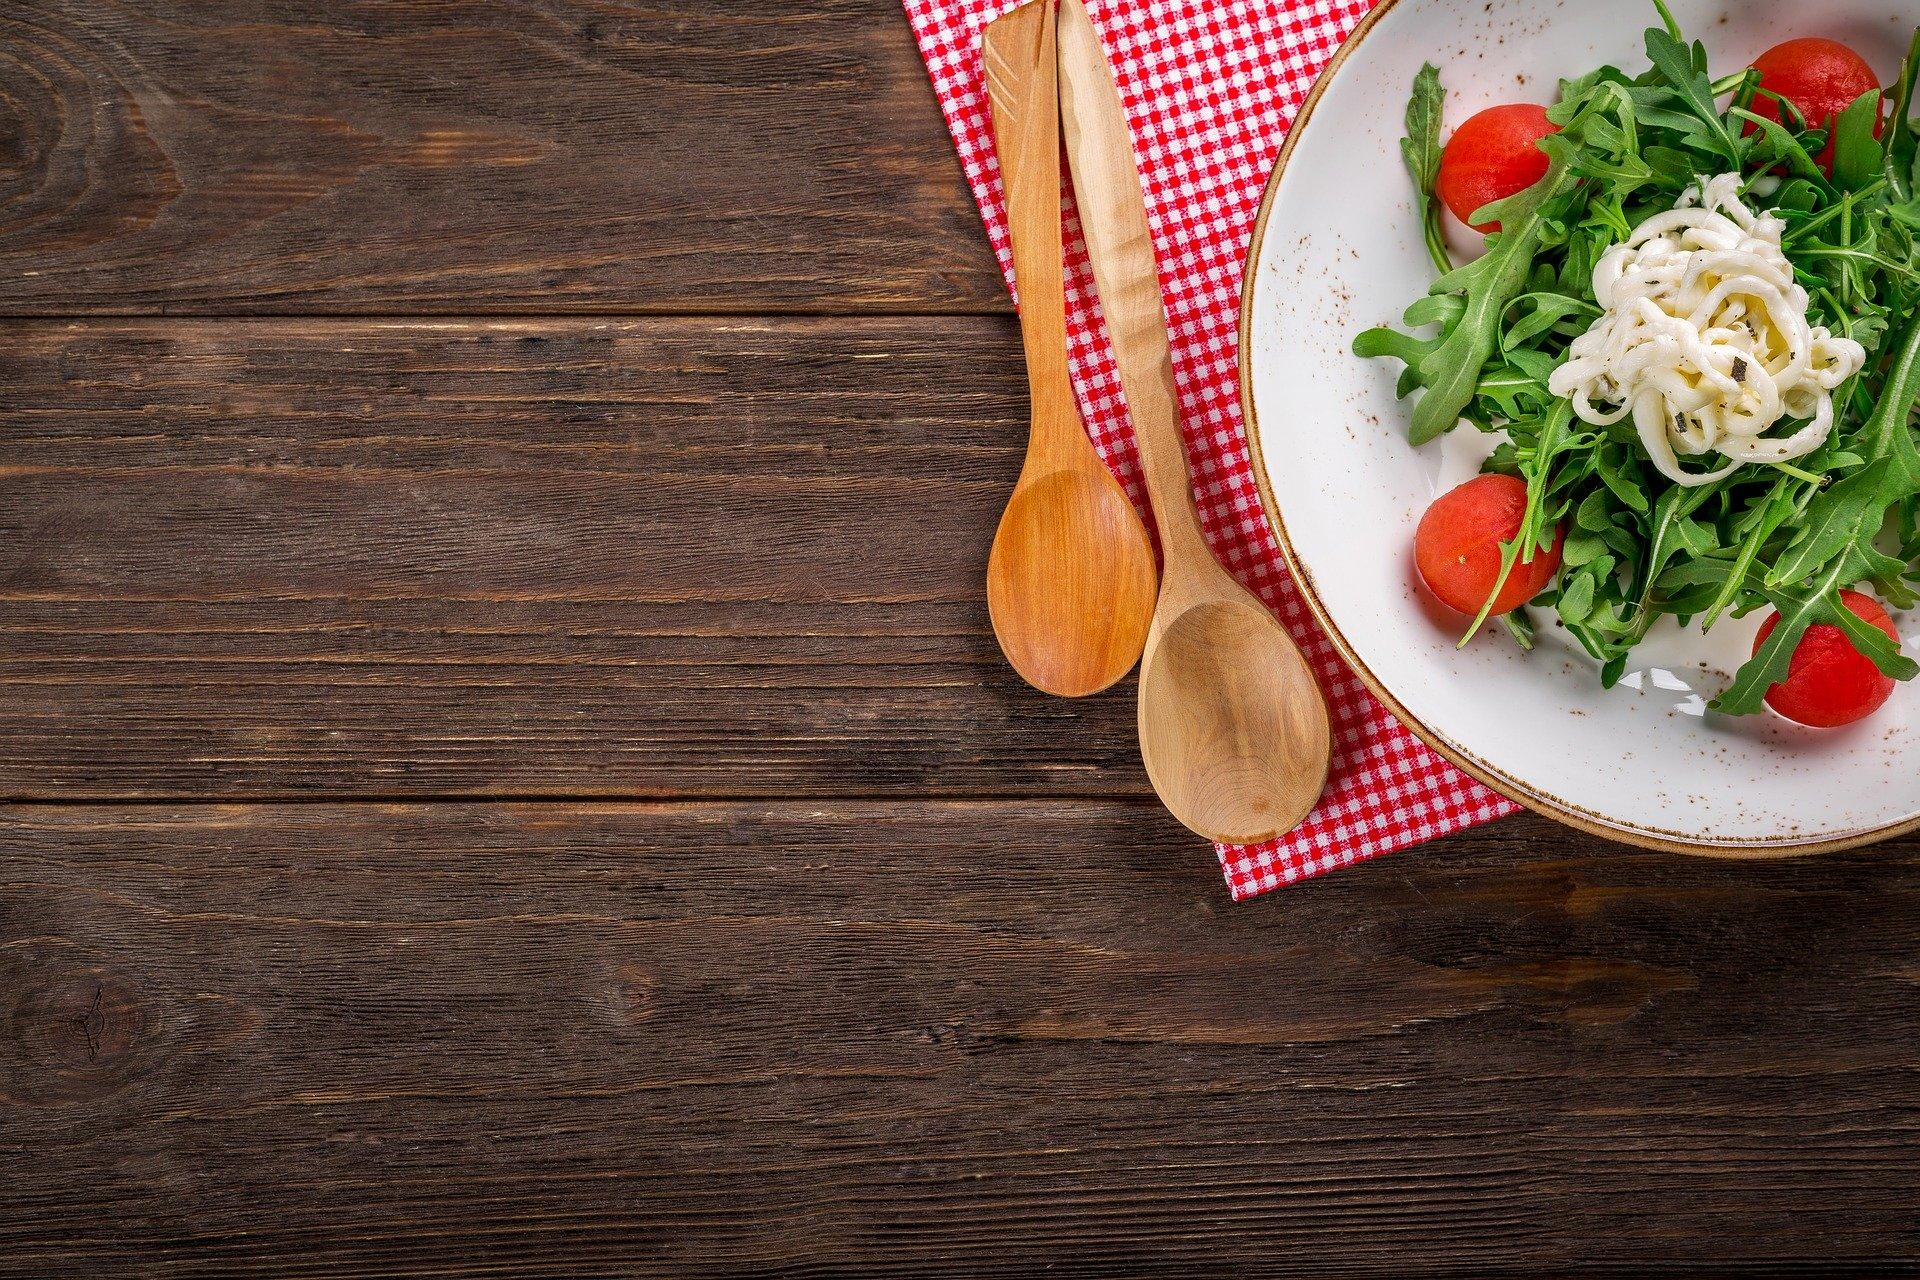 כיצד תזונה יכולה לשפר את מראה העור?